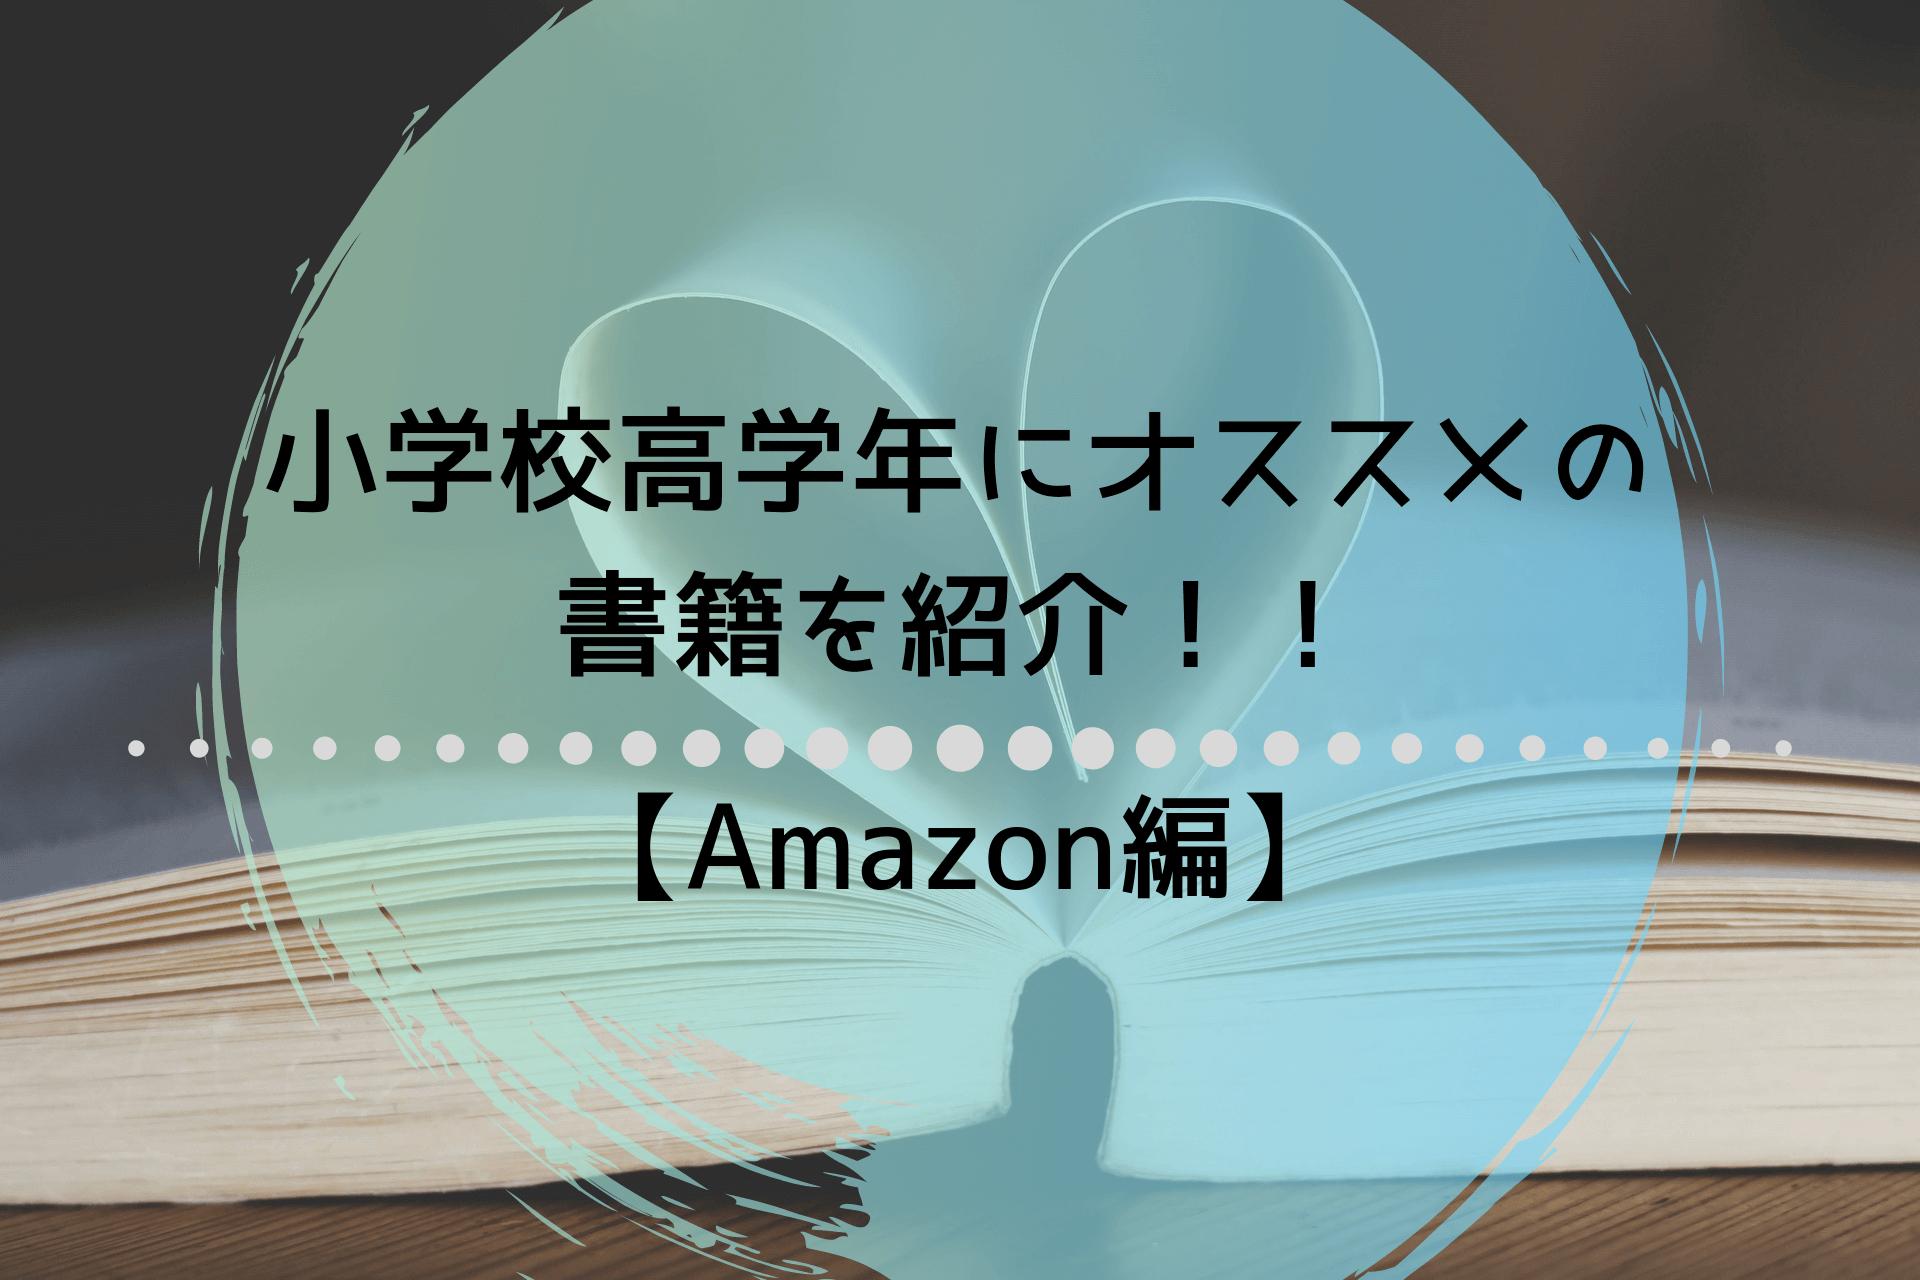 小学校高学年にオススメの書籍を紹介!! 【Amazon編】 (1)